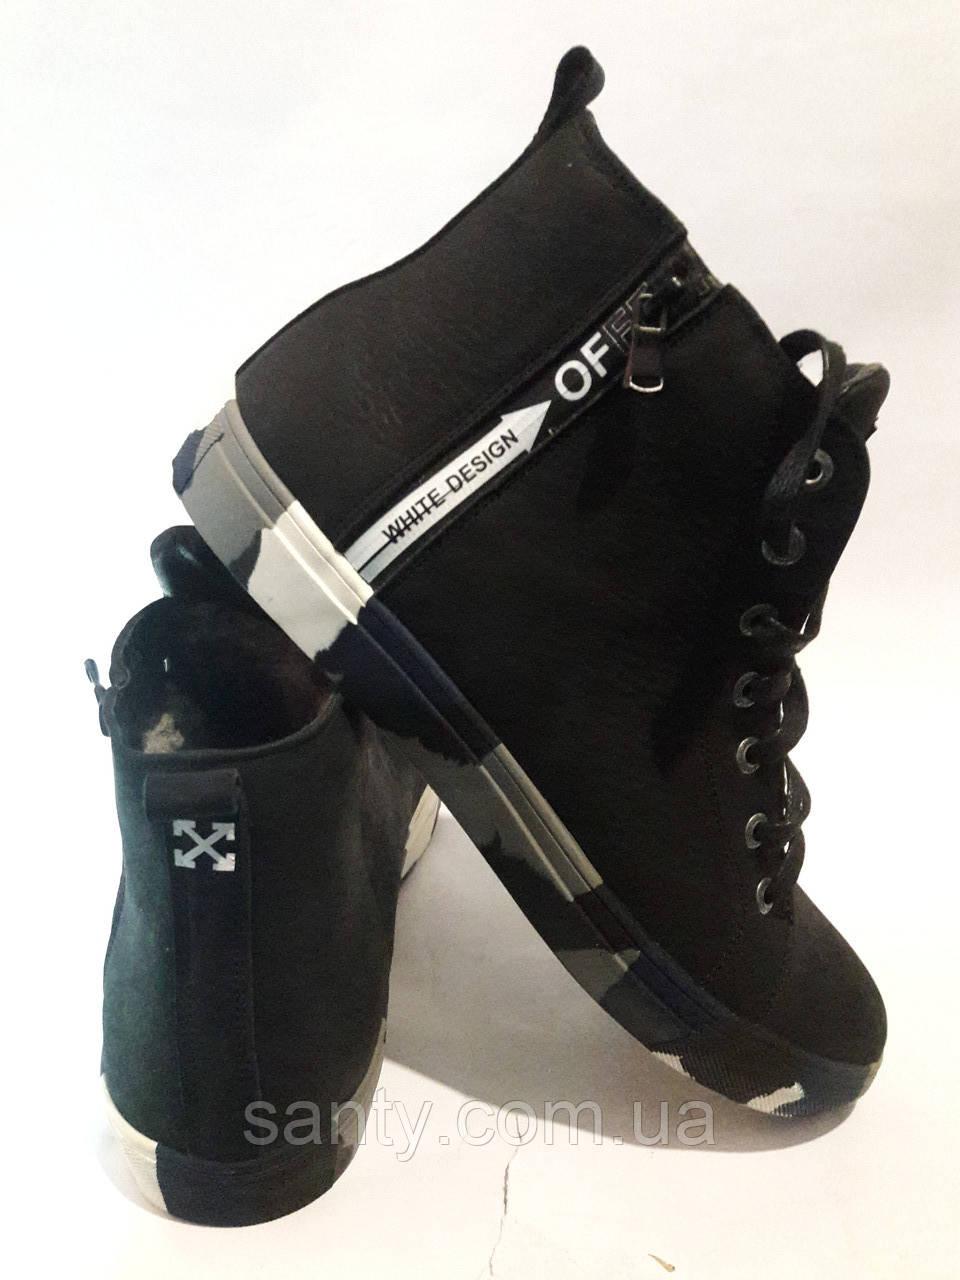 Мужские зимние ботинки из натуральной кожи.